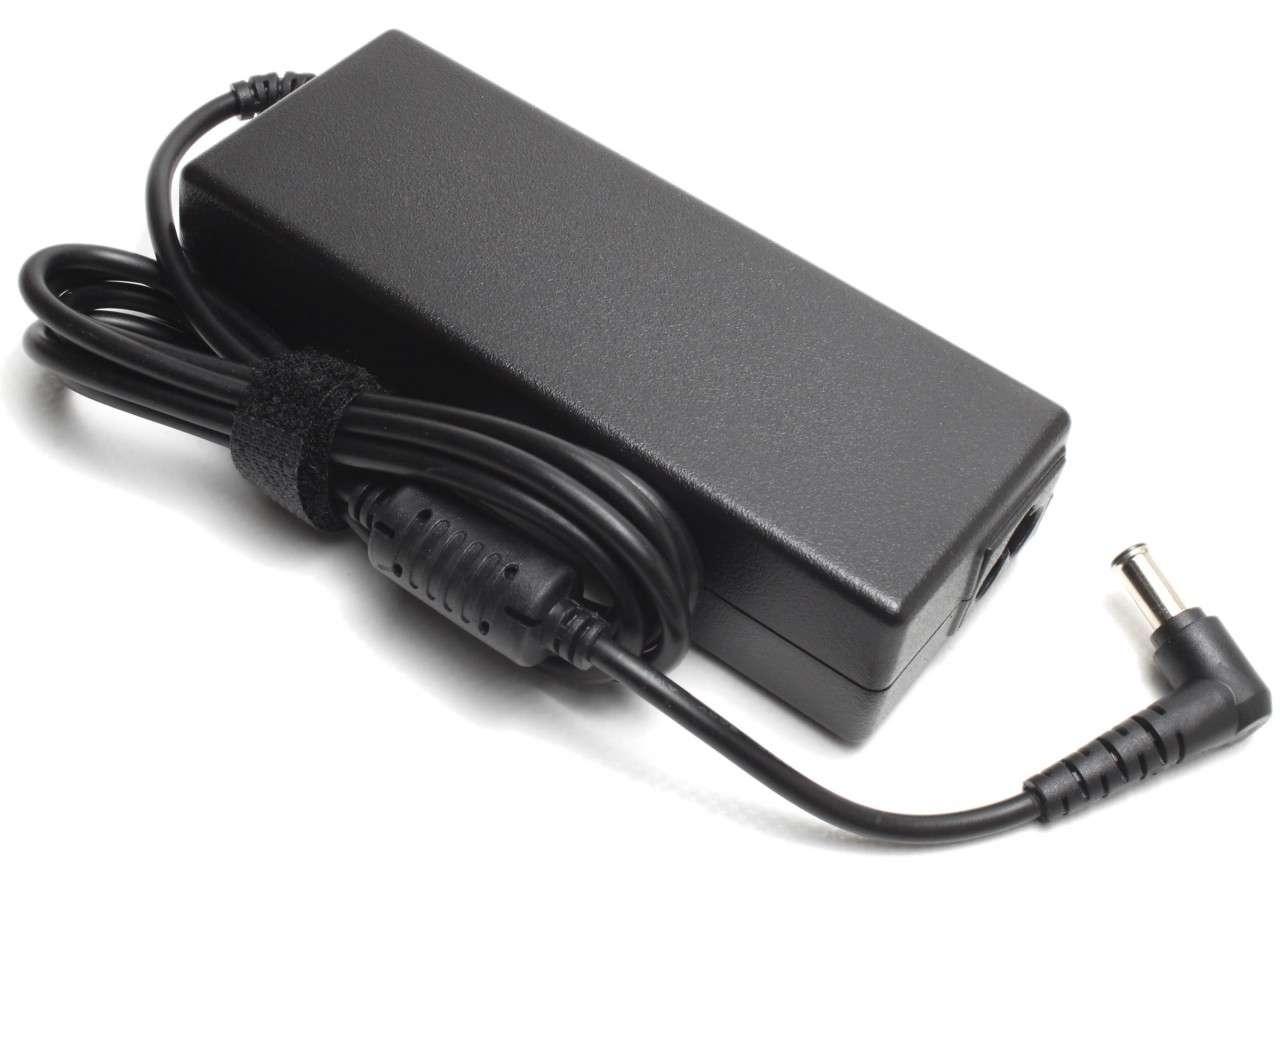 Incarcator Sony Vaio VPCEB17FX Replacement imagine powerlaptop.ro 2021